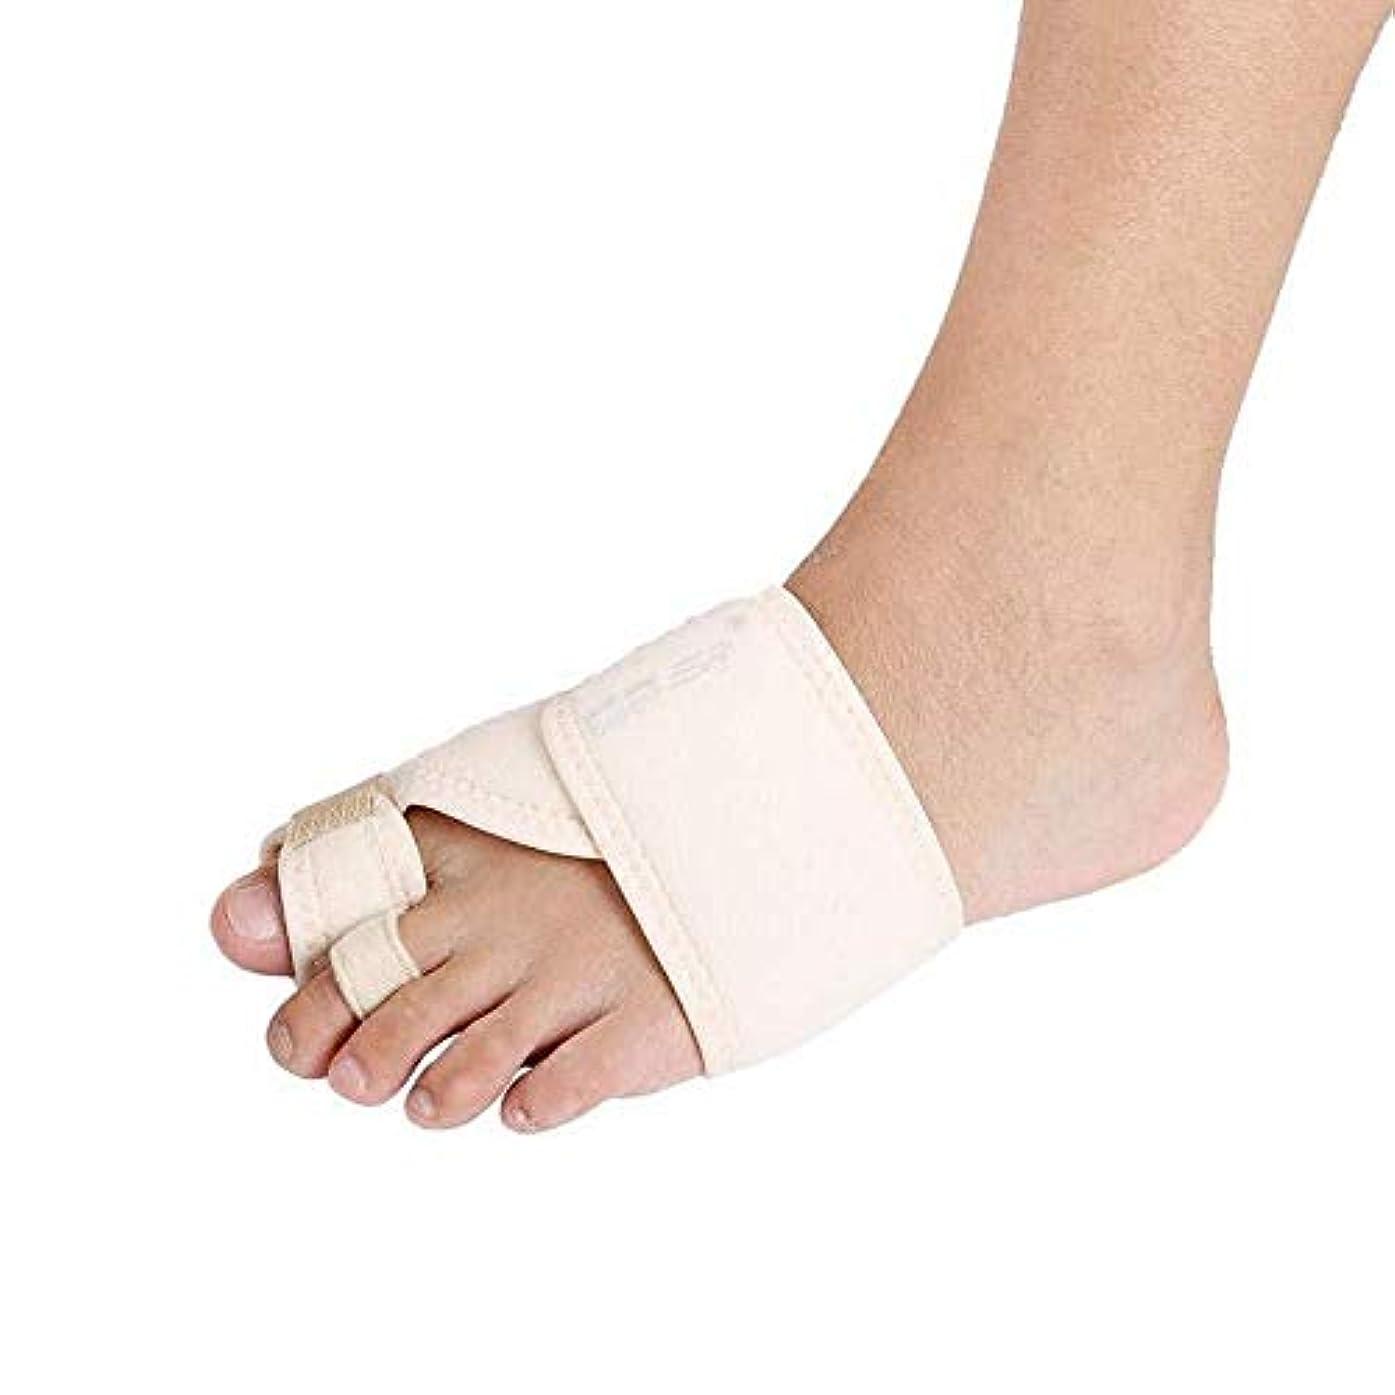 いつでもファイター美徳外反母ortho装具、肘装具、外反母hall、外反母gus、女性および男性用の外反母reliefリリーフ,Left Foot